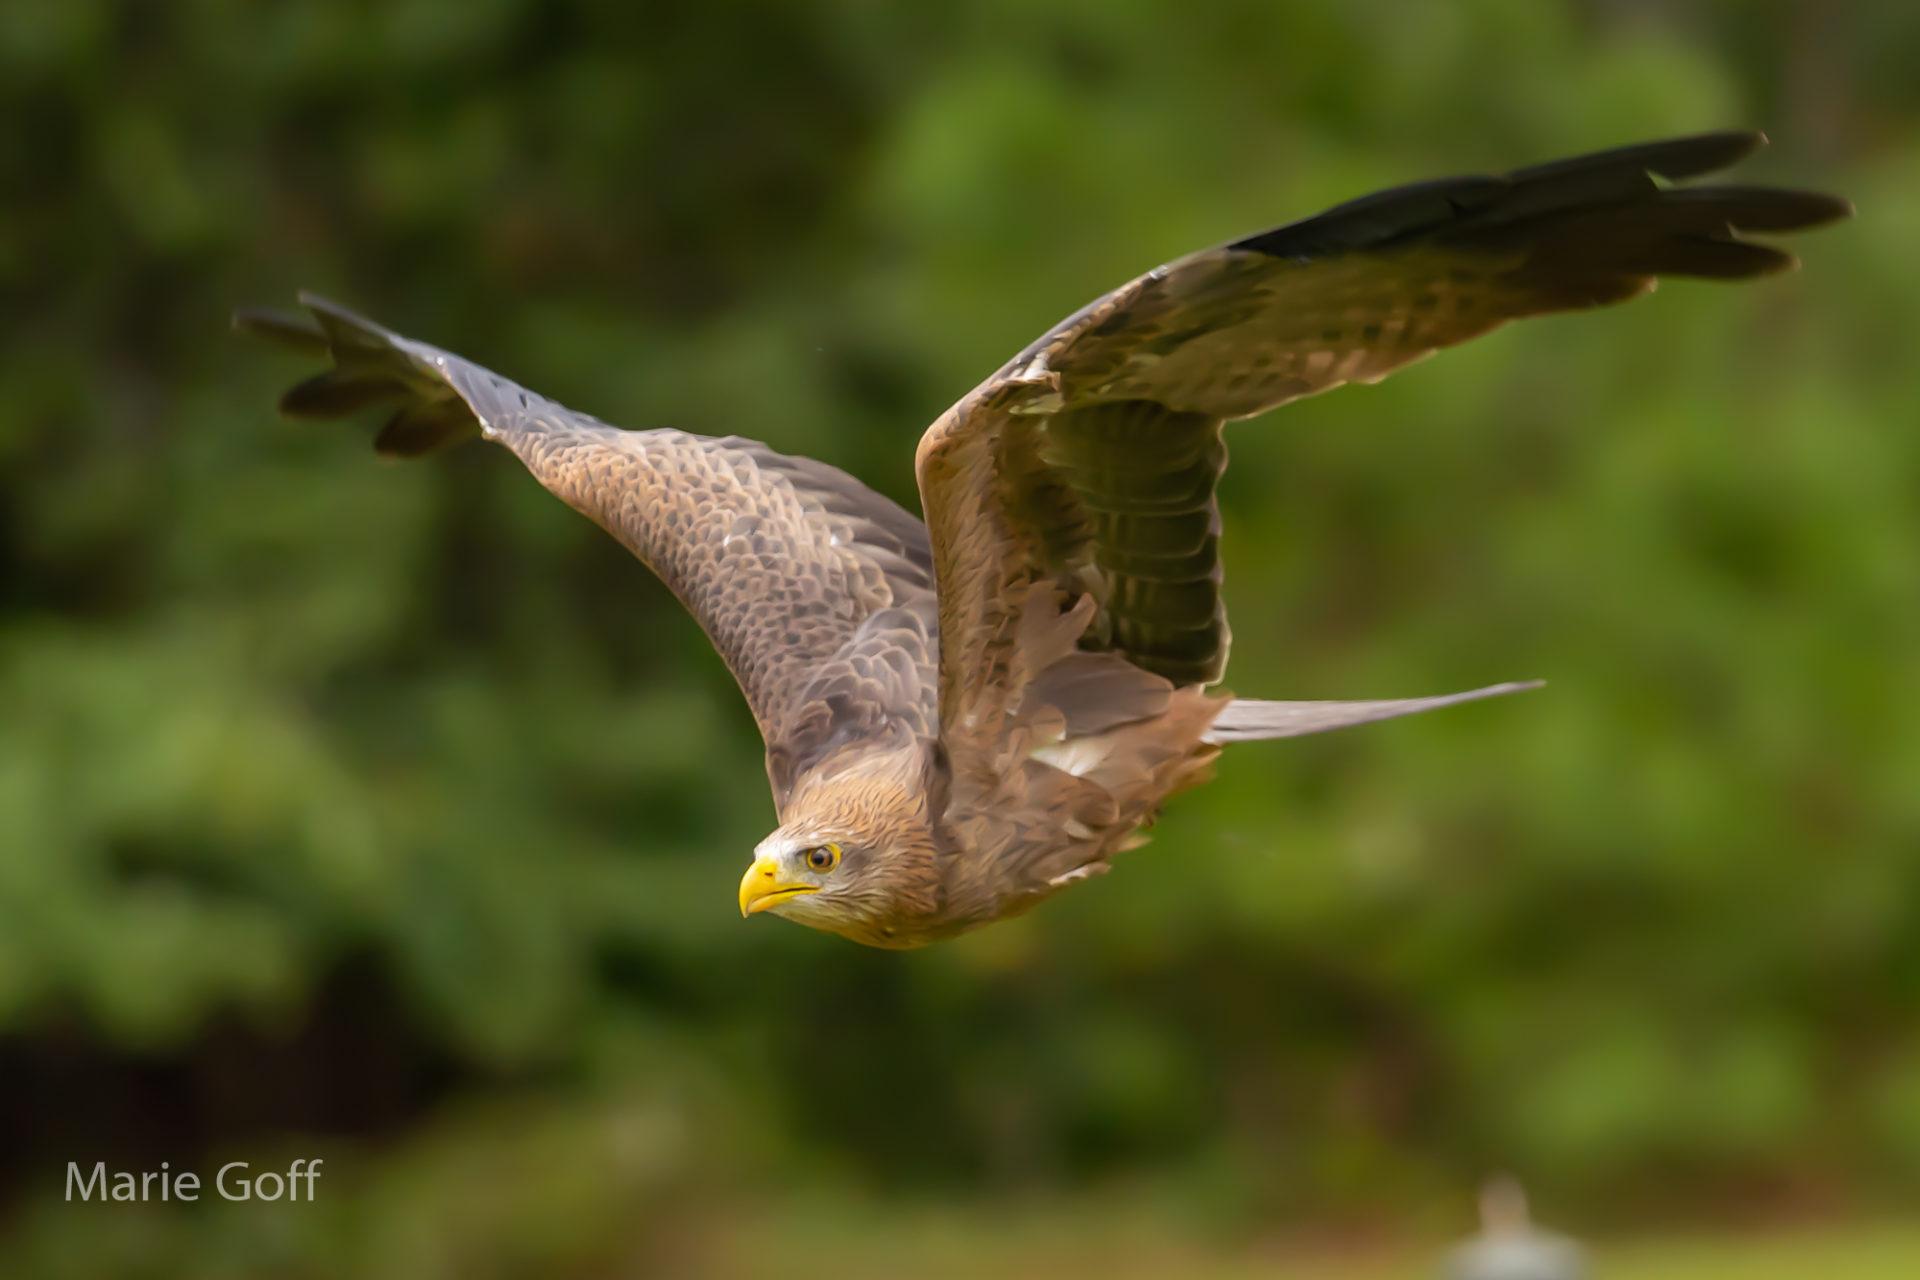 Tack sharp photos of birds-in-flight